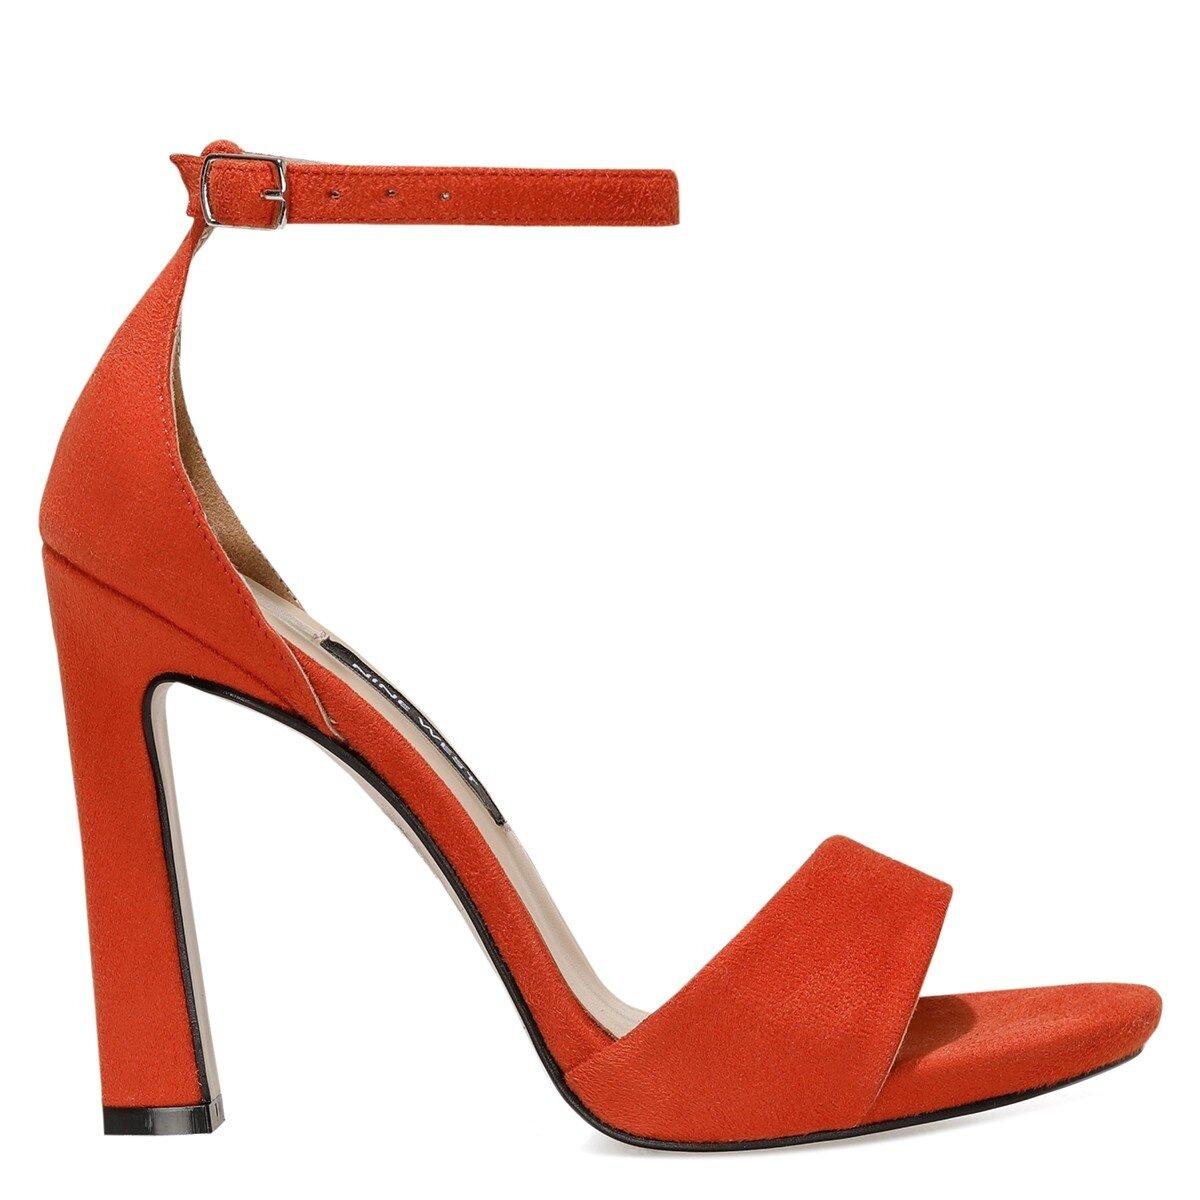 CELINSE 1FX Turuncu Kadın Gova Ayakkabı